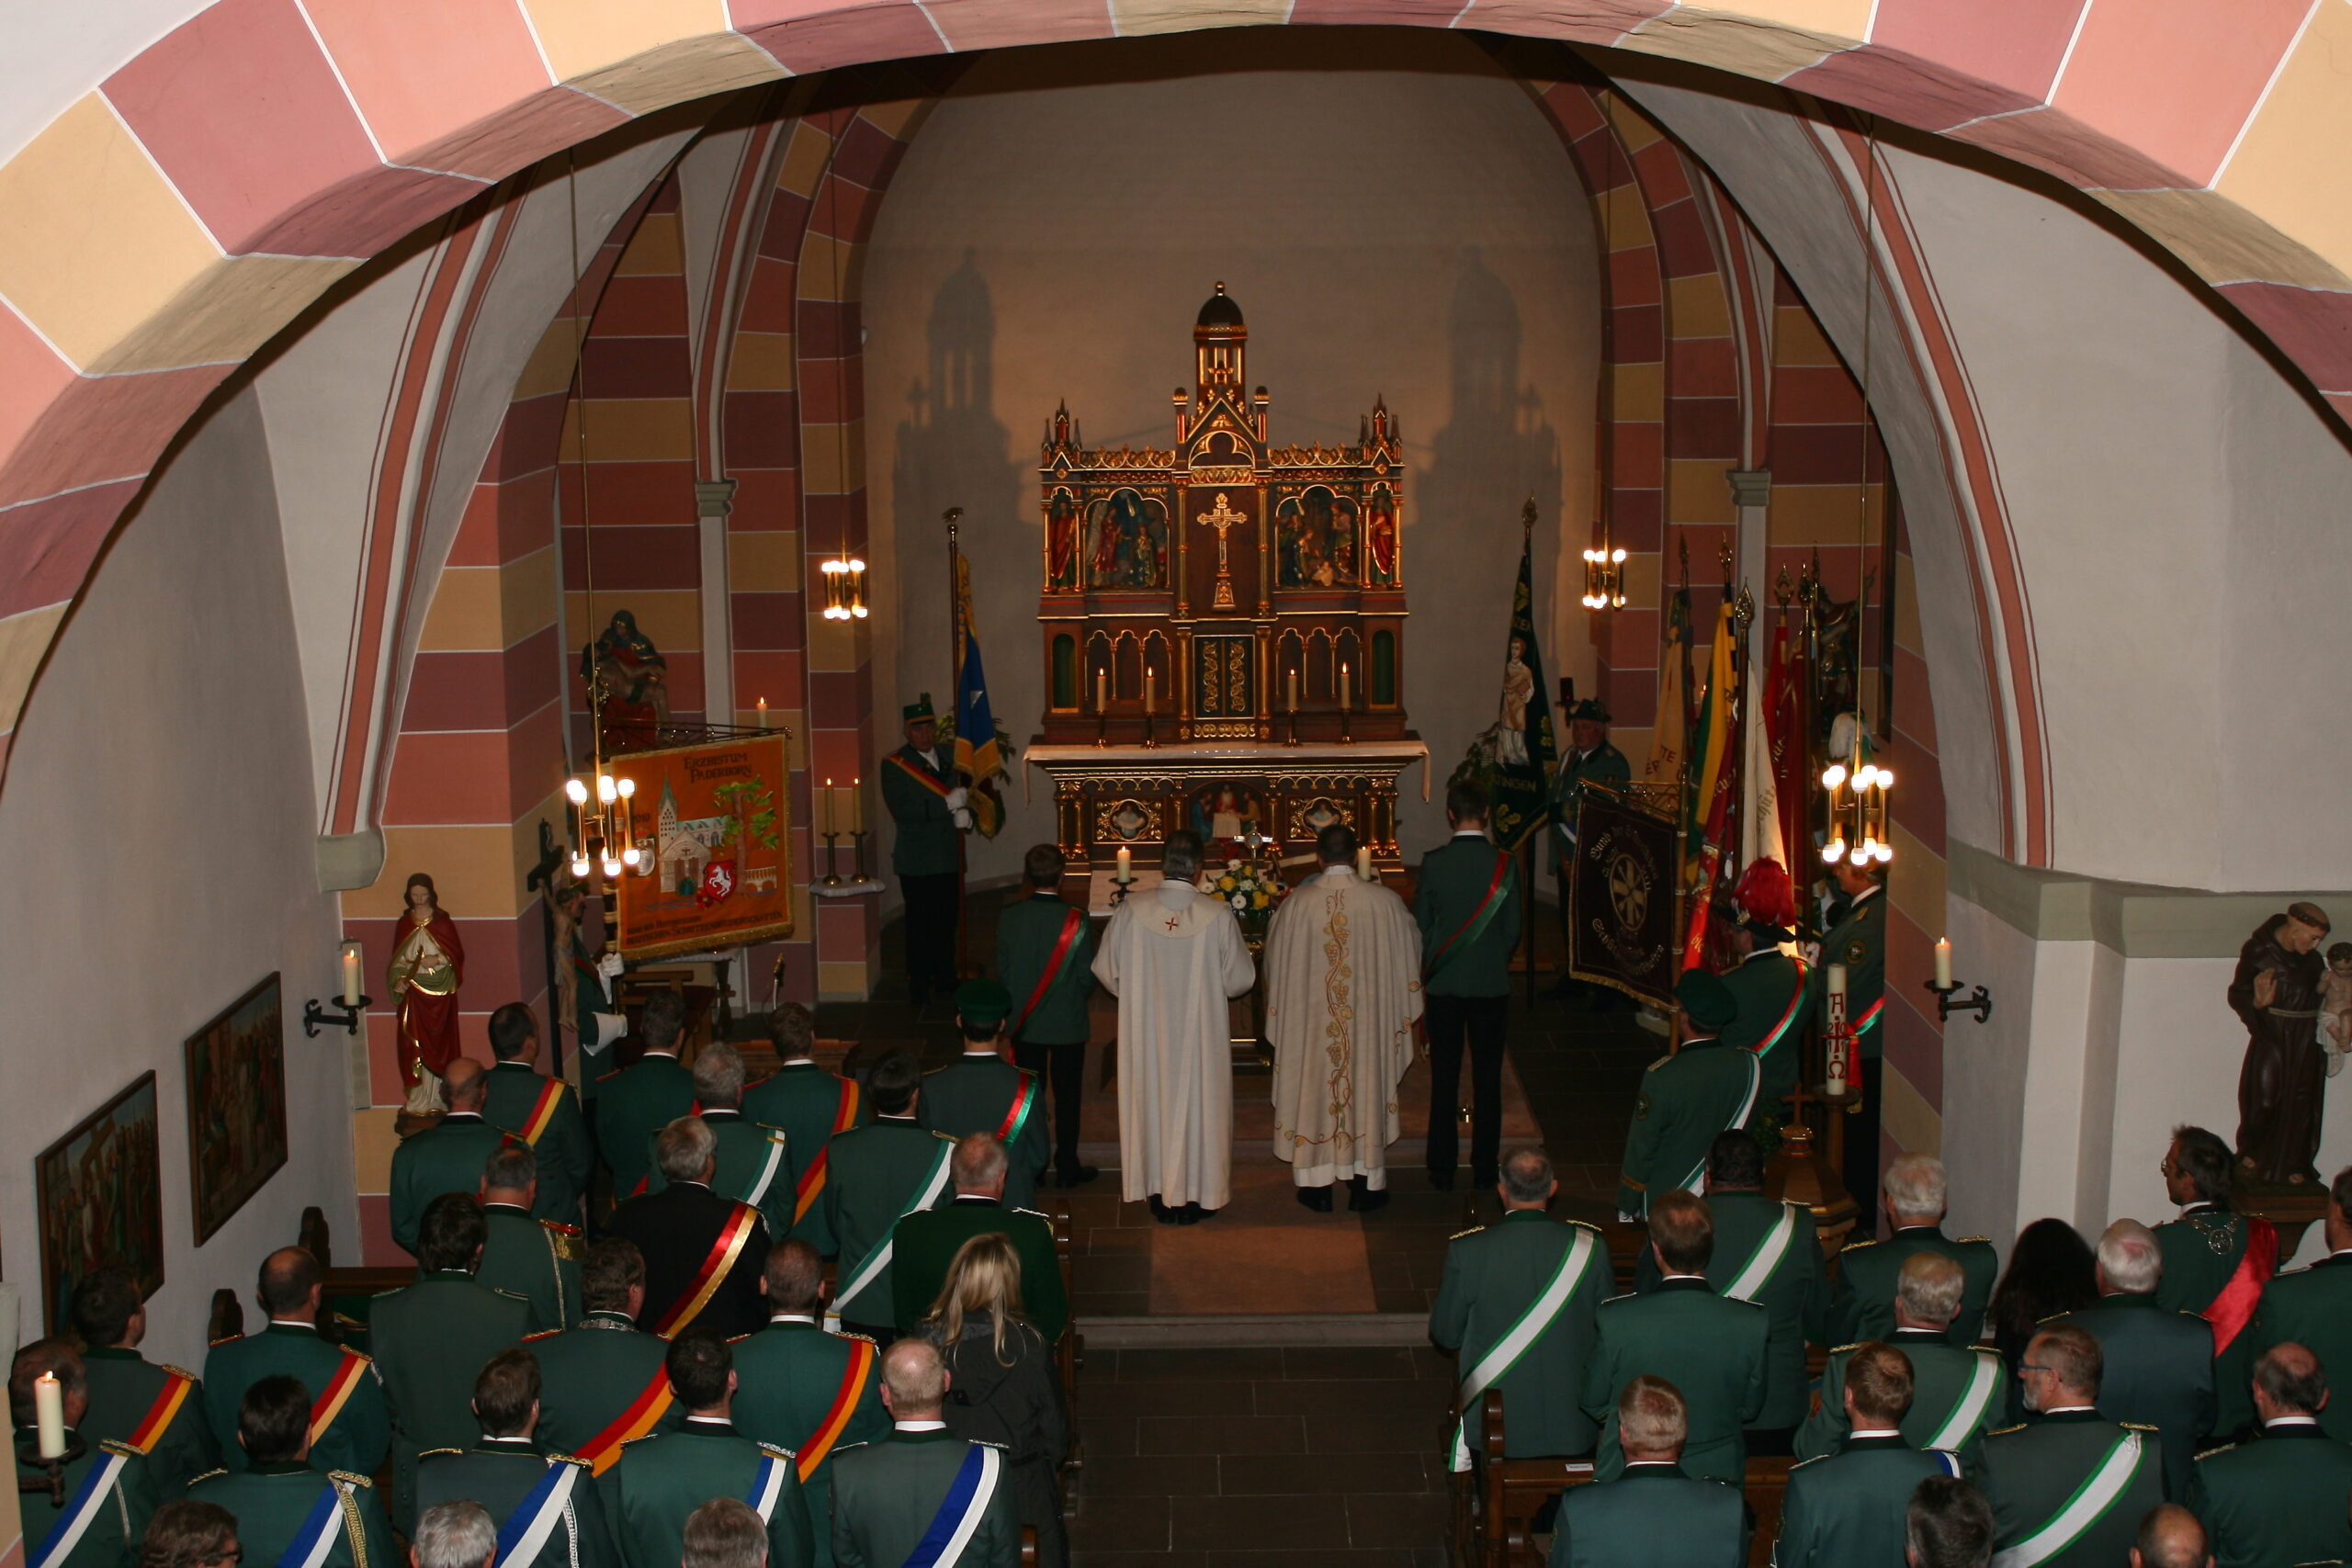 Messe findet in der Kirche statt